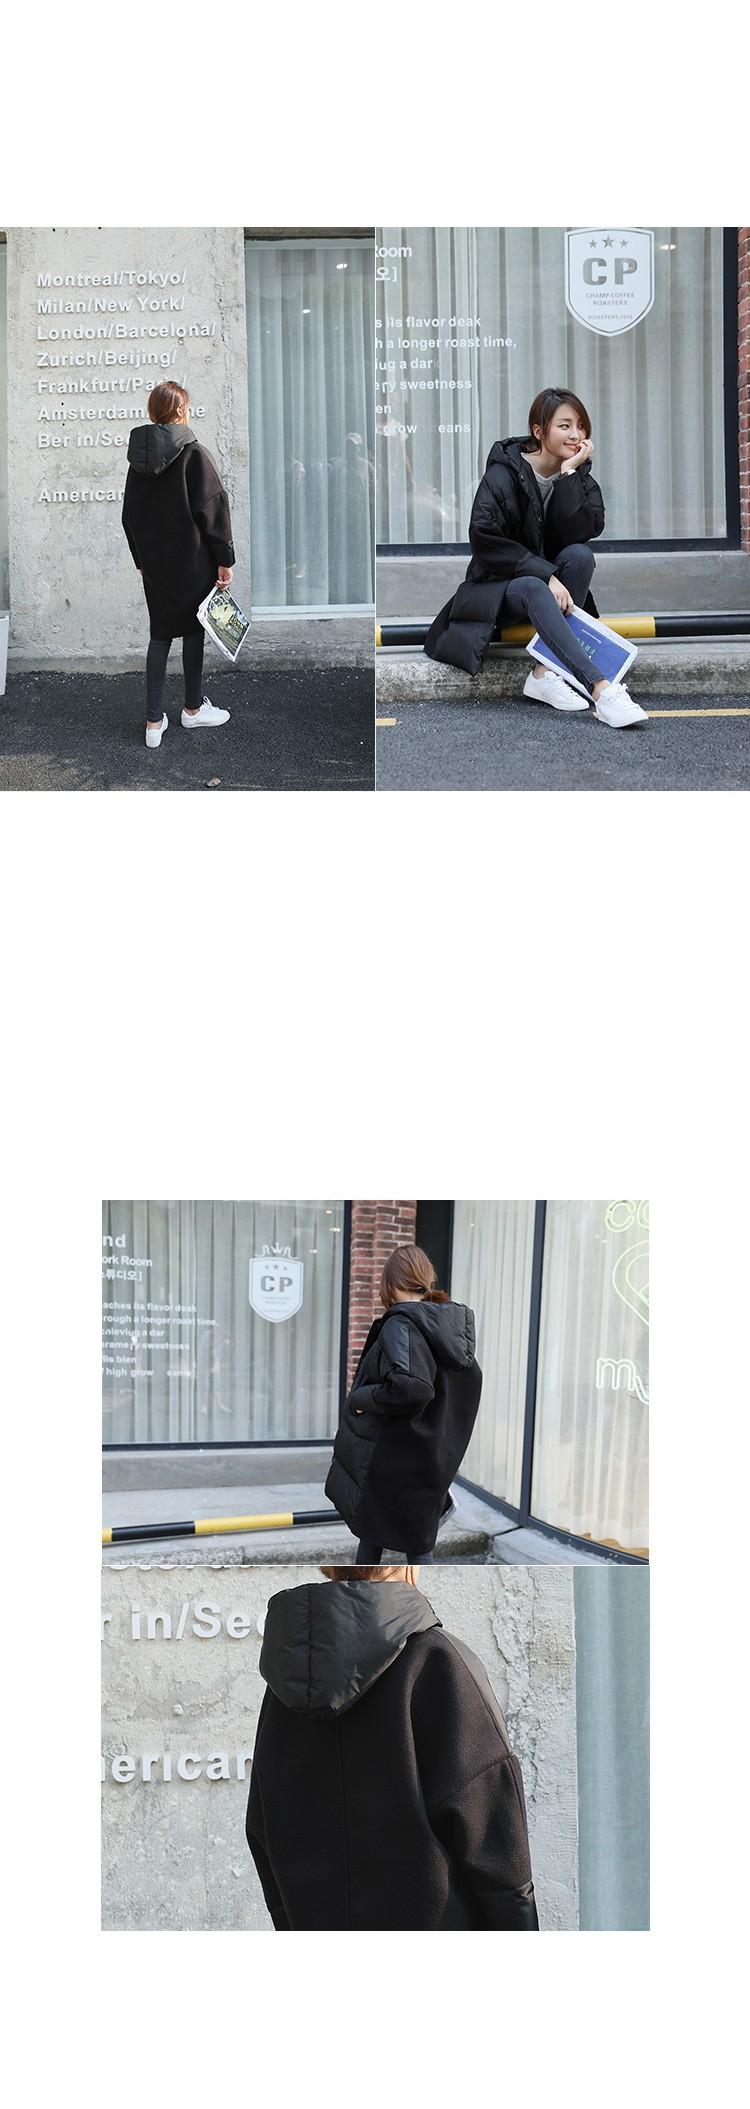 Скидки на Женщины Зимнее Пальто 2017 Новый Большой размер Досуг Пуховик Толстый Теплый Хлопок Пальто Корейской Моды Средней длины Женщин куртка AB346